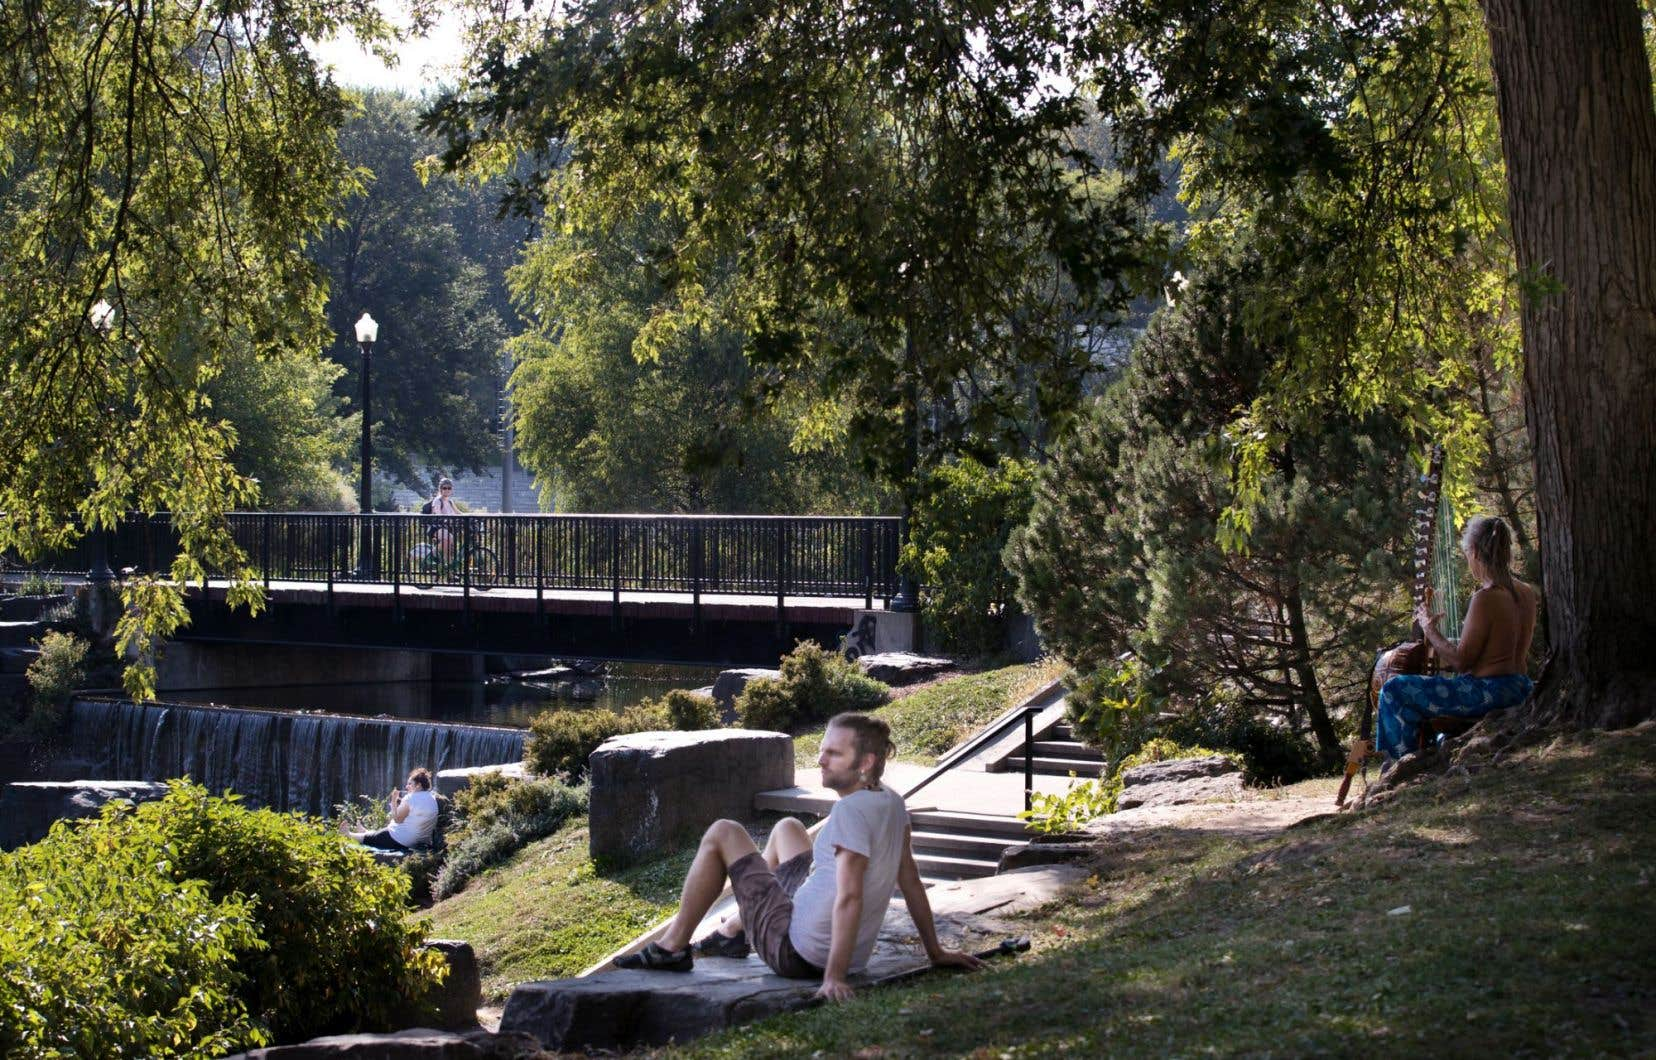 Peu habitués à ce que le mercure atteigne les 30 degrés Celsius (sans parler de l'indice humidex) aussi tardivement dans la saison estivale, les Montréalais cherchent l'ombre, comme ici au parc La Fontaine. Dans plusieurs écoles, élèves et professeurs tentent de s'acquitter de leur tâche dans des locaux mal ventilés.